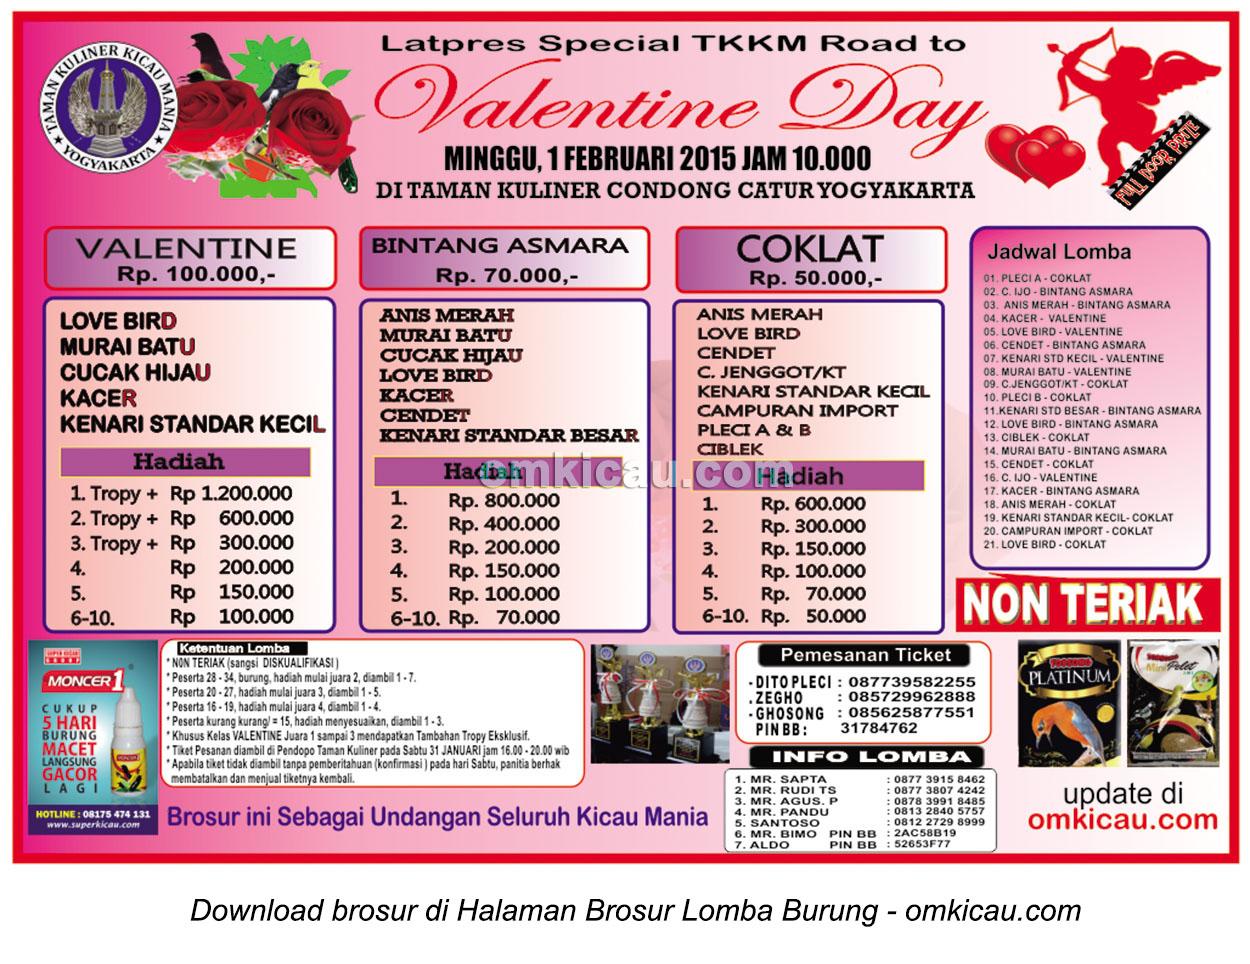 Brosur Latpres Special TKKM Road to Valentine Day, Jogja, 1 Februari 2015